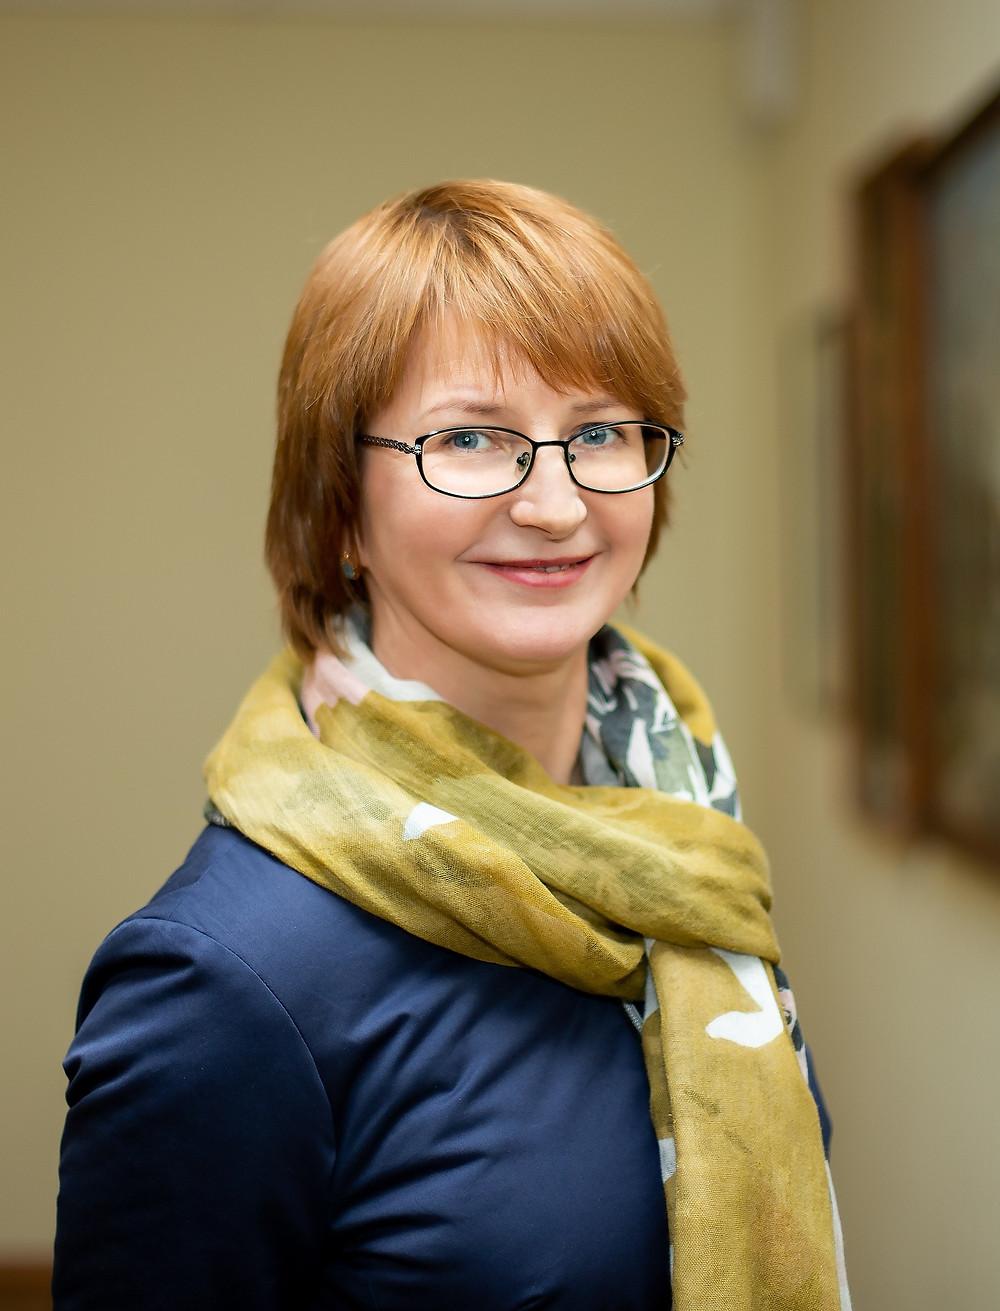 Председатель Комитета по государственному устройству и местному самоуправлению Законодательного Собрания Республики Карелия Анна Валерьевна Лопаткина